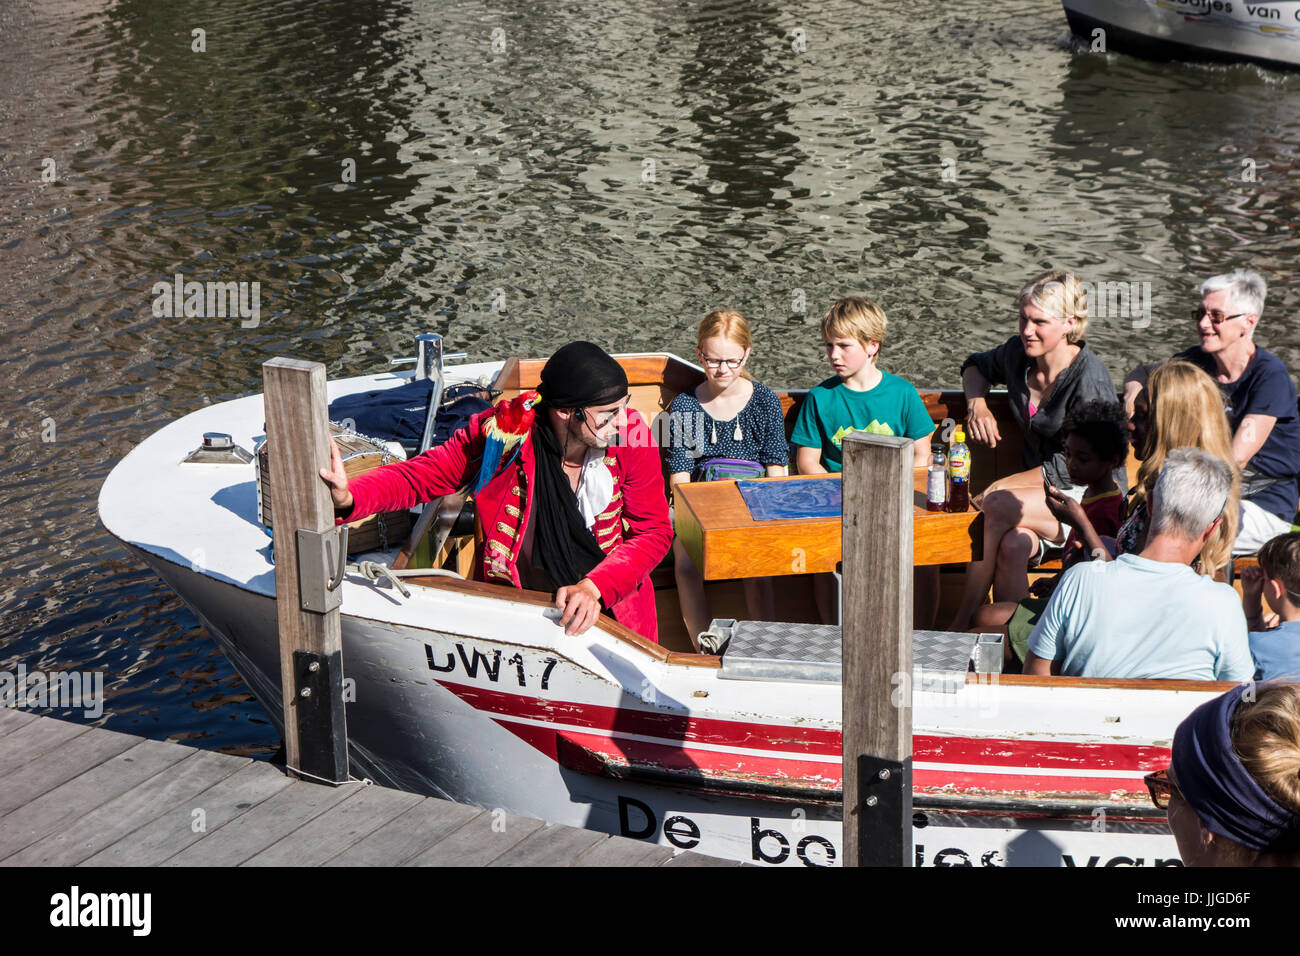 Guía de la ciudad vestidos como pirata en barco sobre el río Leie / Lys guiando turistas en viaje de turismo Imagen De Stock